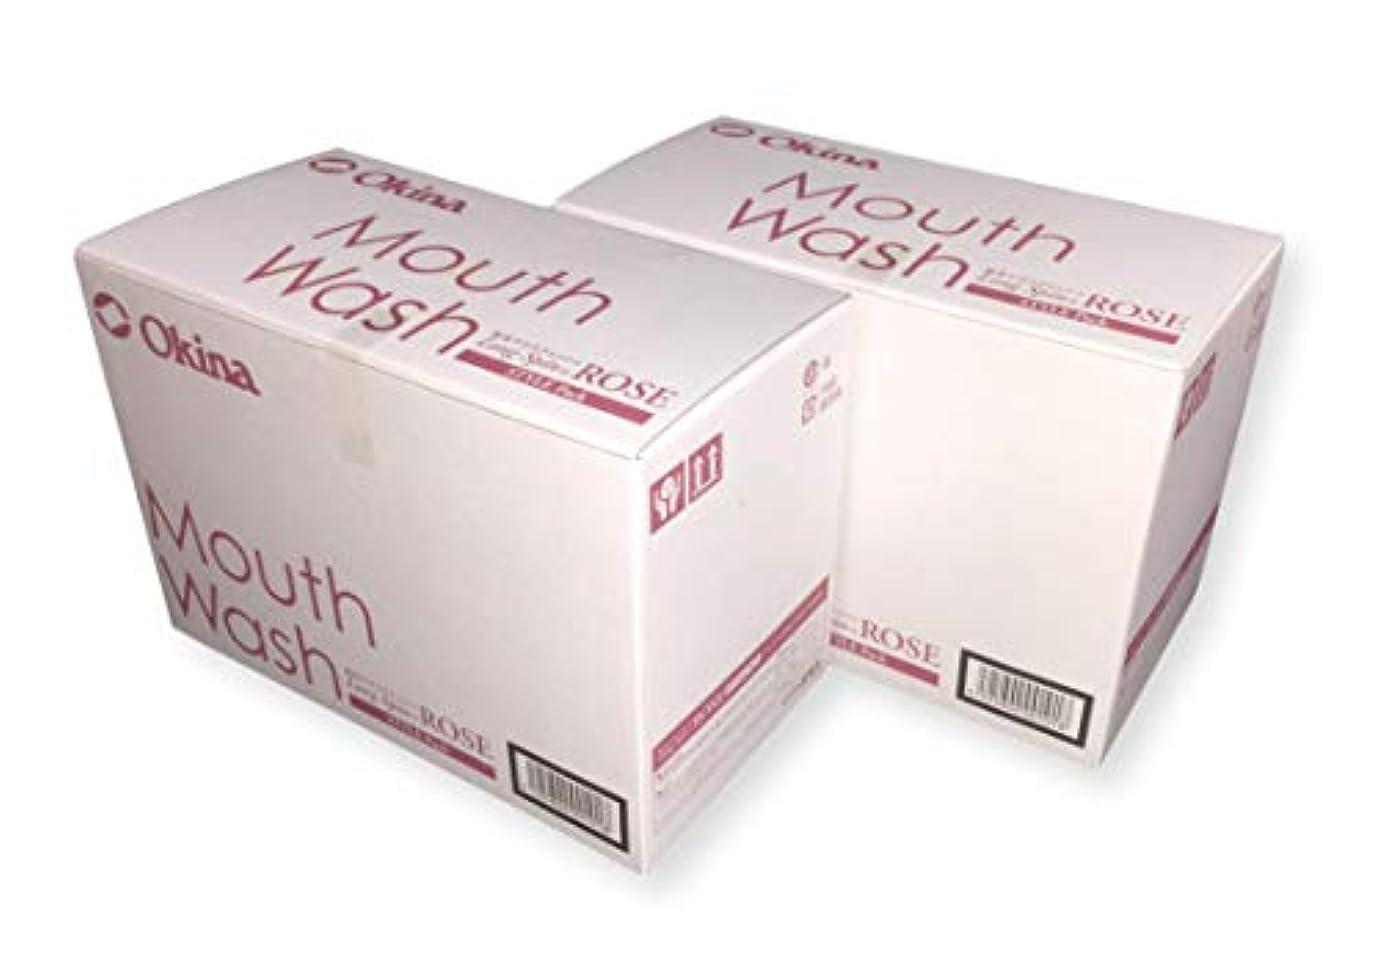 ラッチ用心紳士オキナ マウスウォッシュ ロングスピン スタイルパック ROSE お得な2箱セット(100入りx2箱) LS-RS